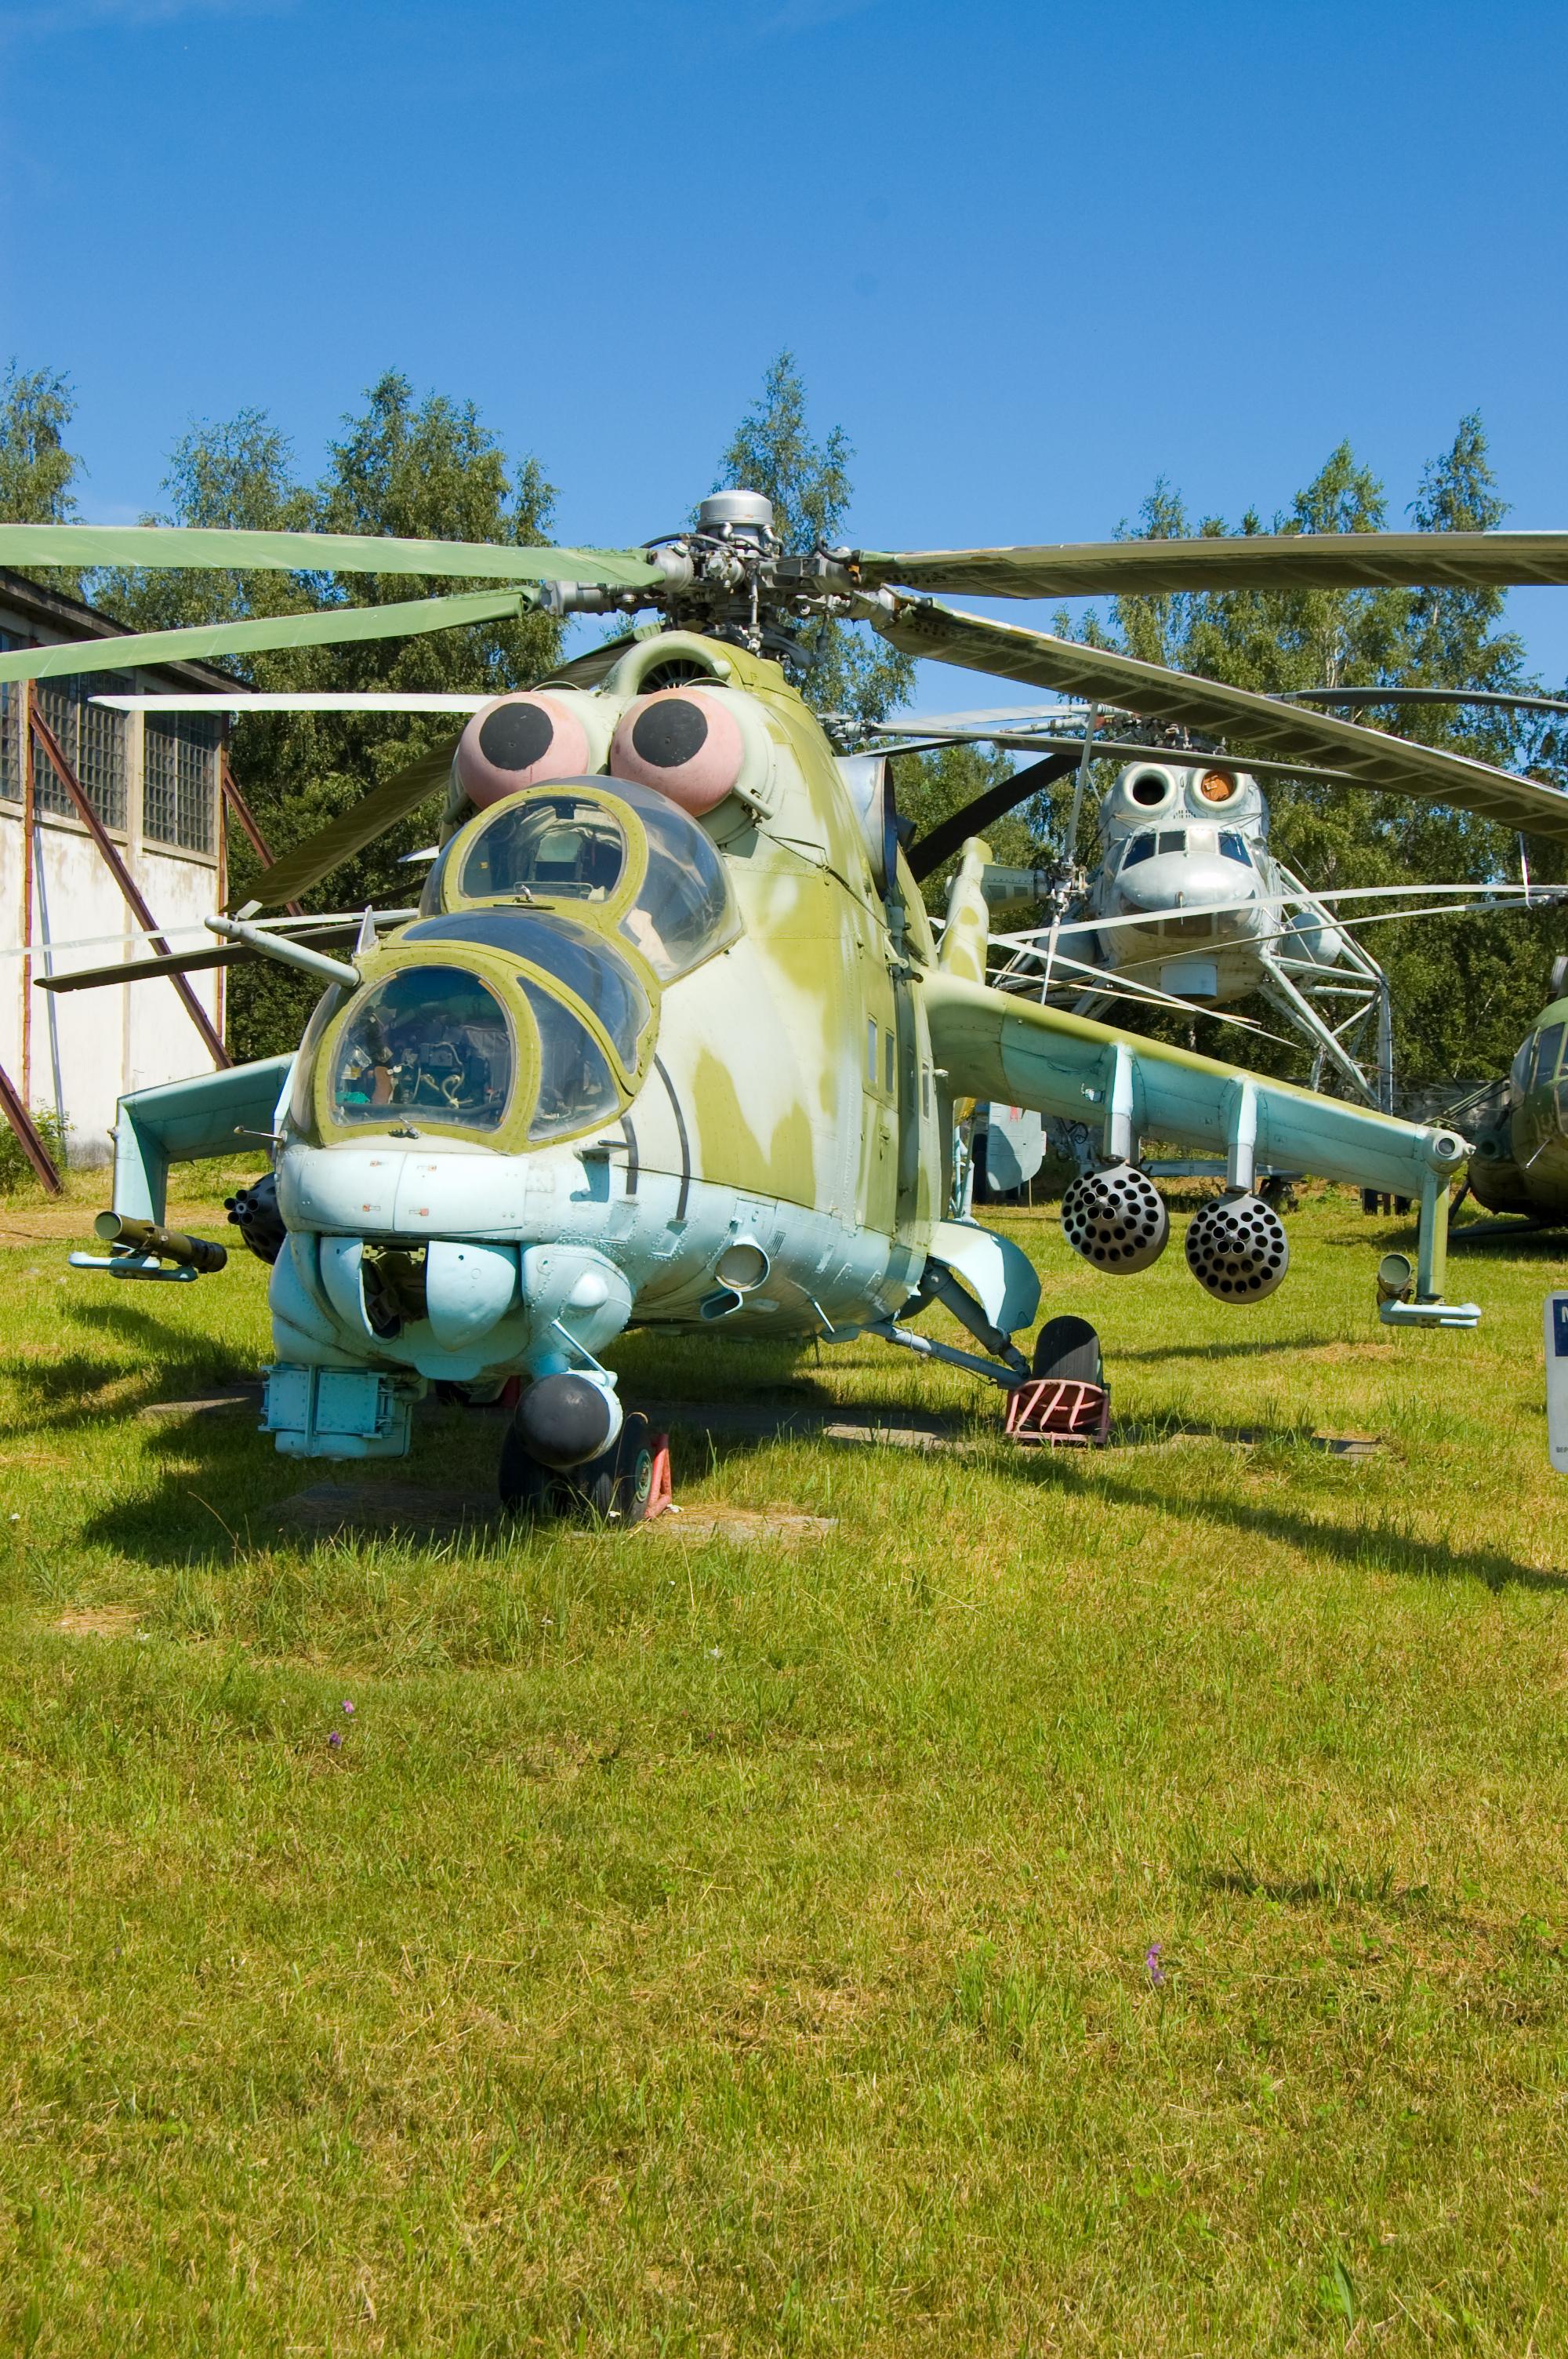 Обои ГШ-30К, ВВС Нигерии, Модернизированный вариант Ми-24, Ми-35П, Ударный вертолёт, экспортный вариант Ми-24П. Авиация foto 13